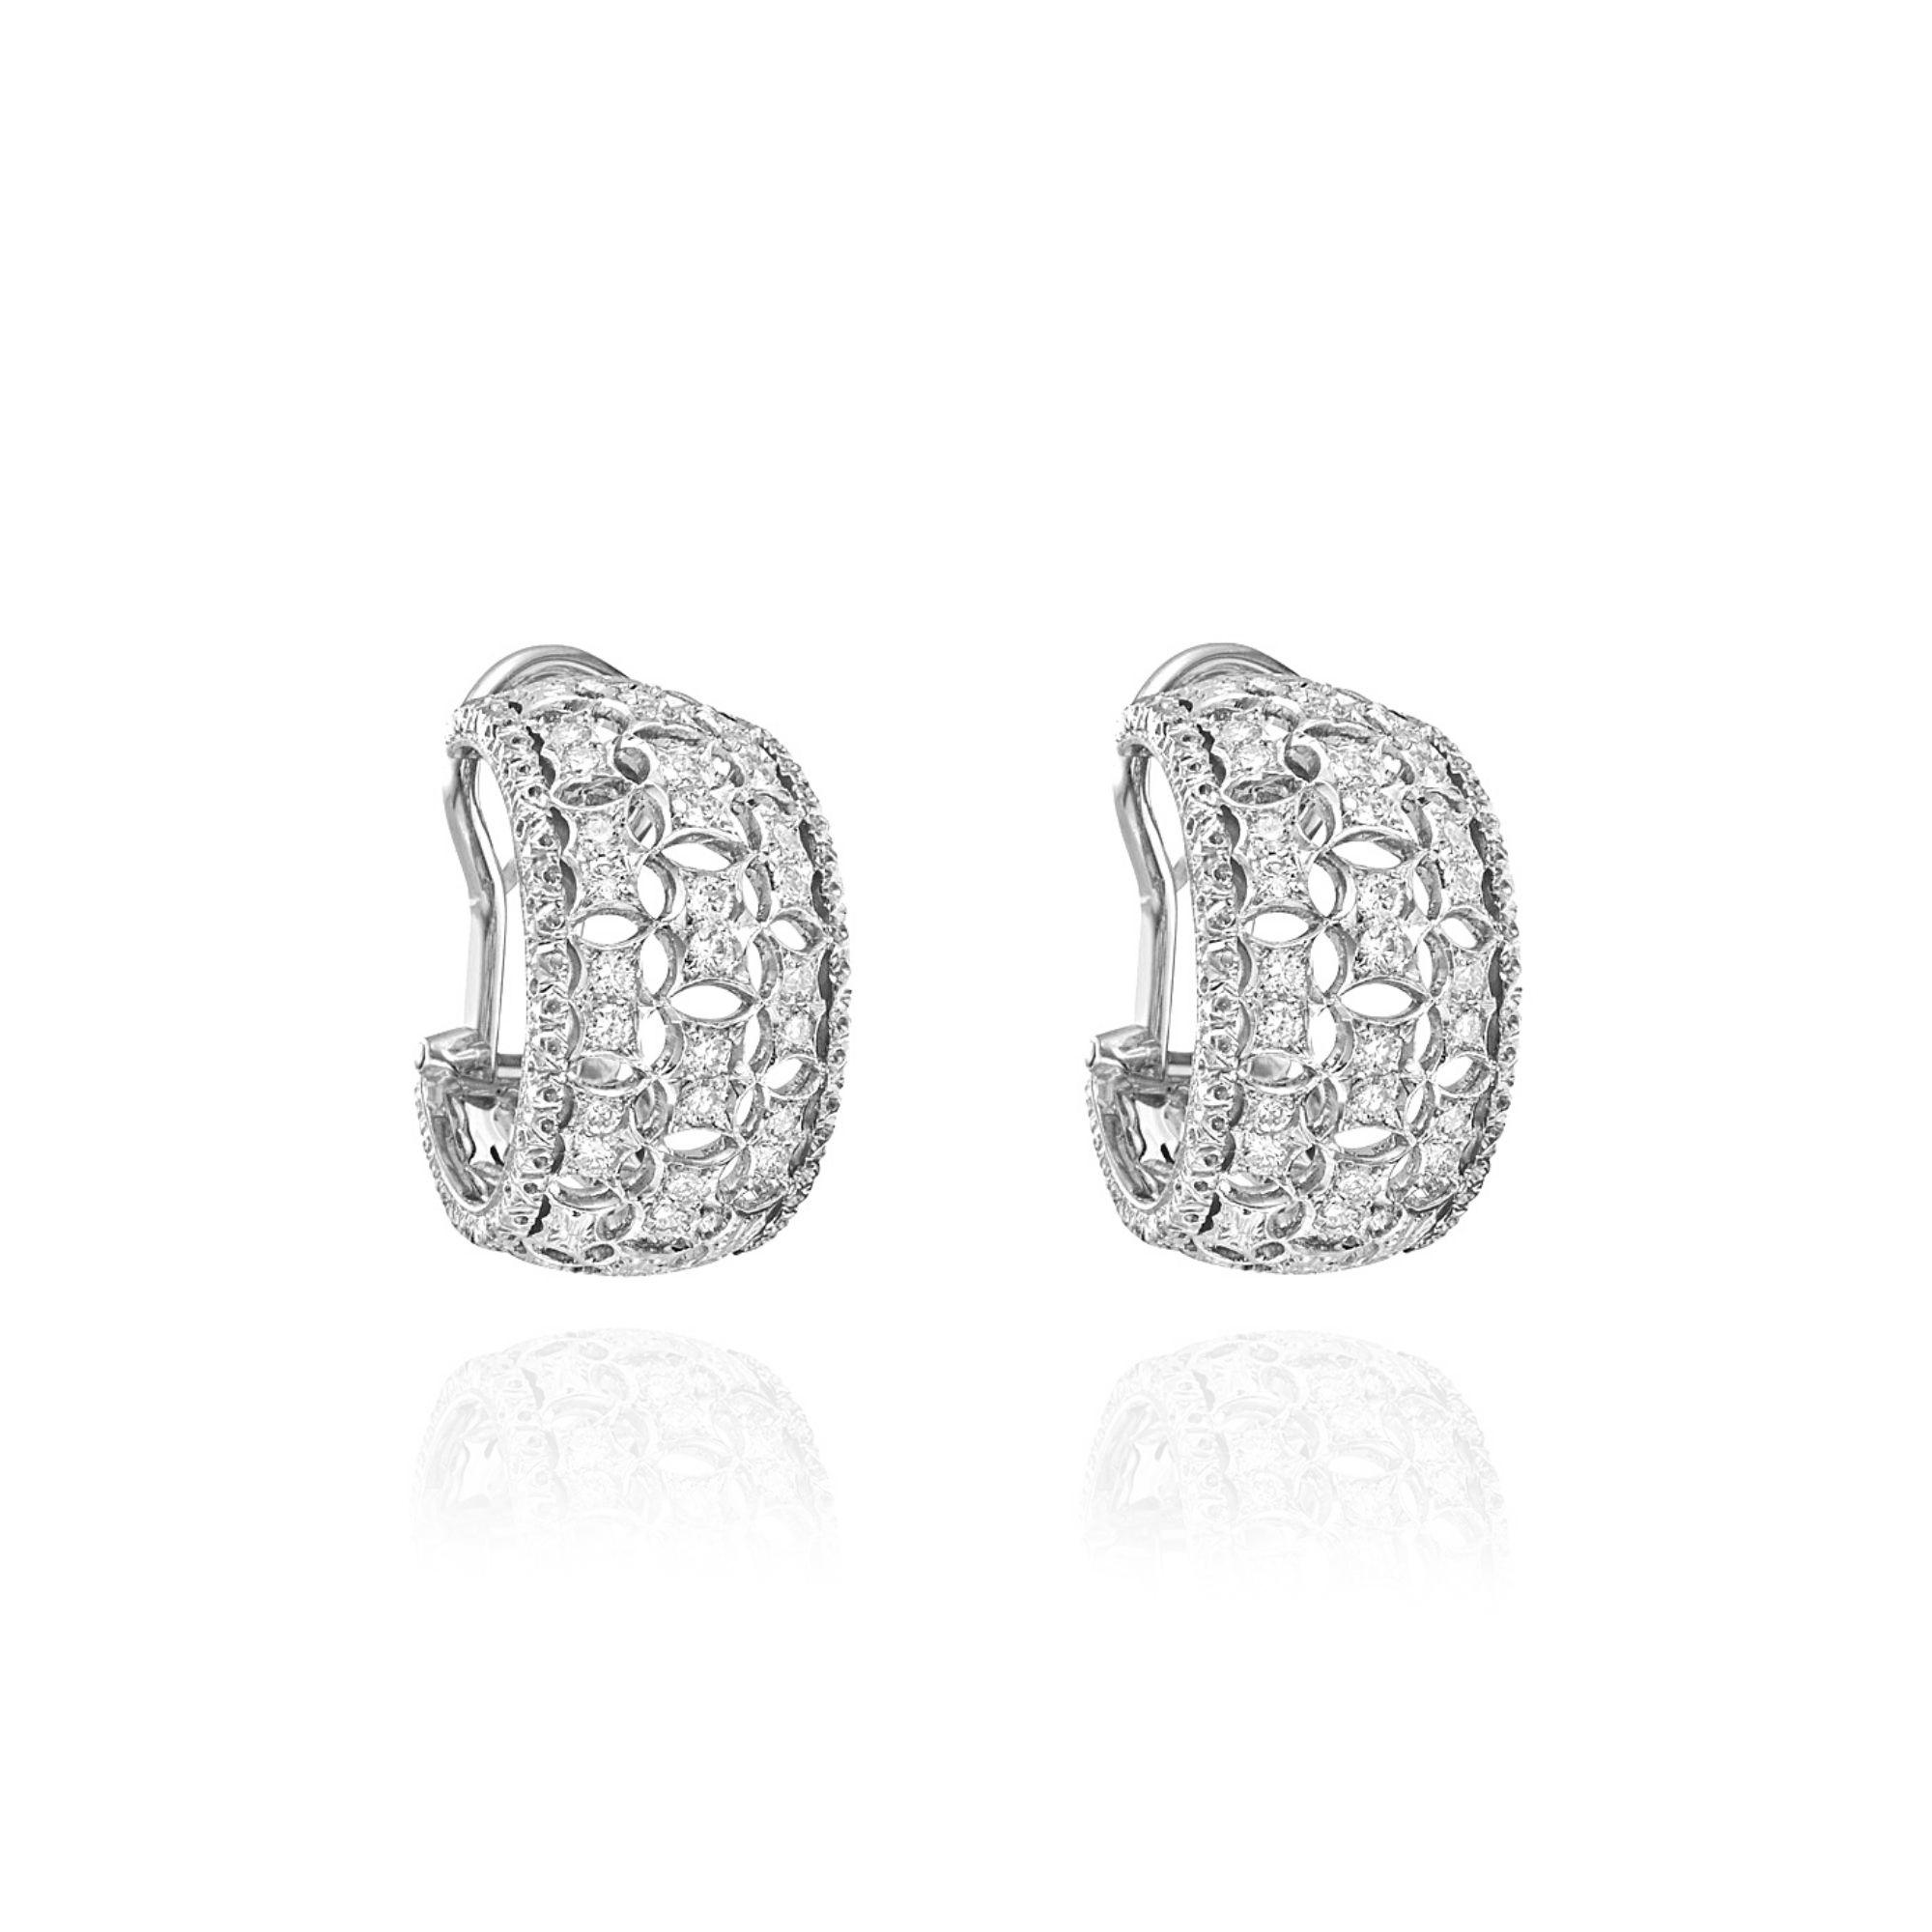 Orecchini Estate Buccellati earrings sconto discount